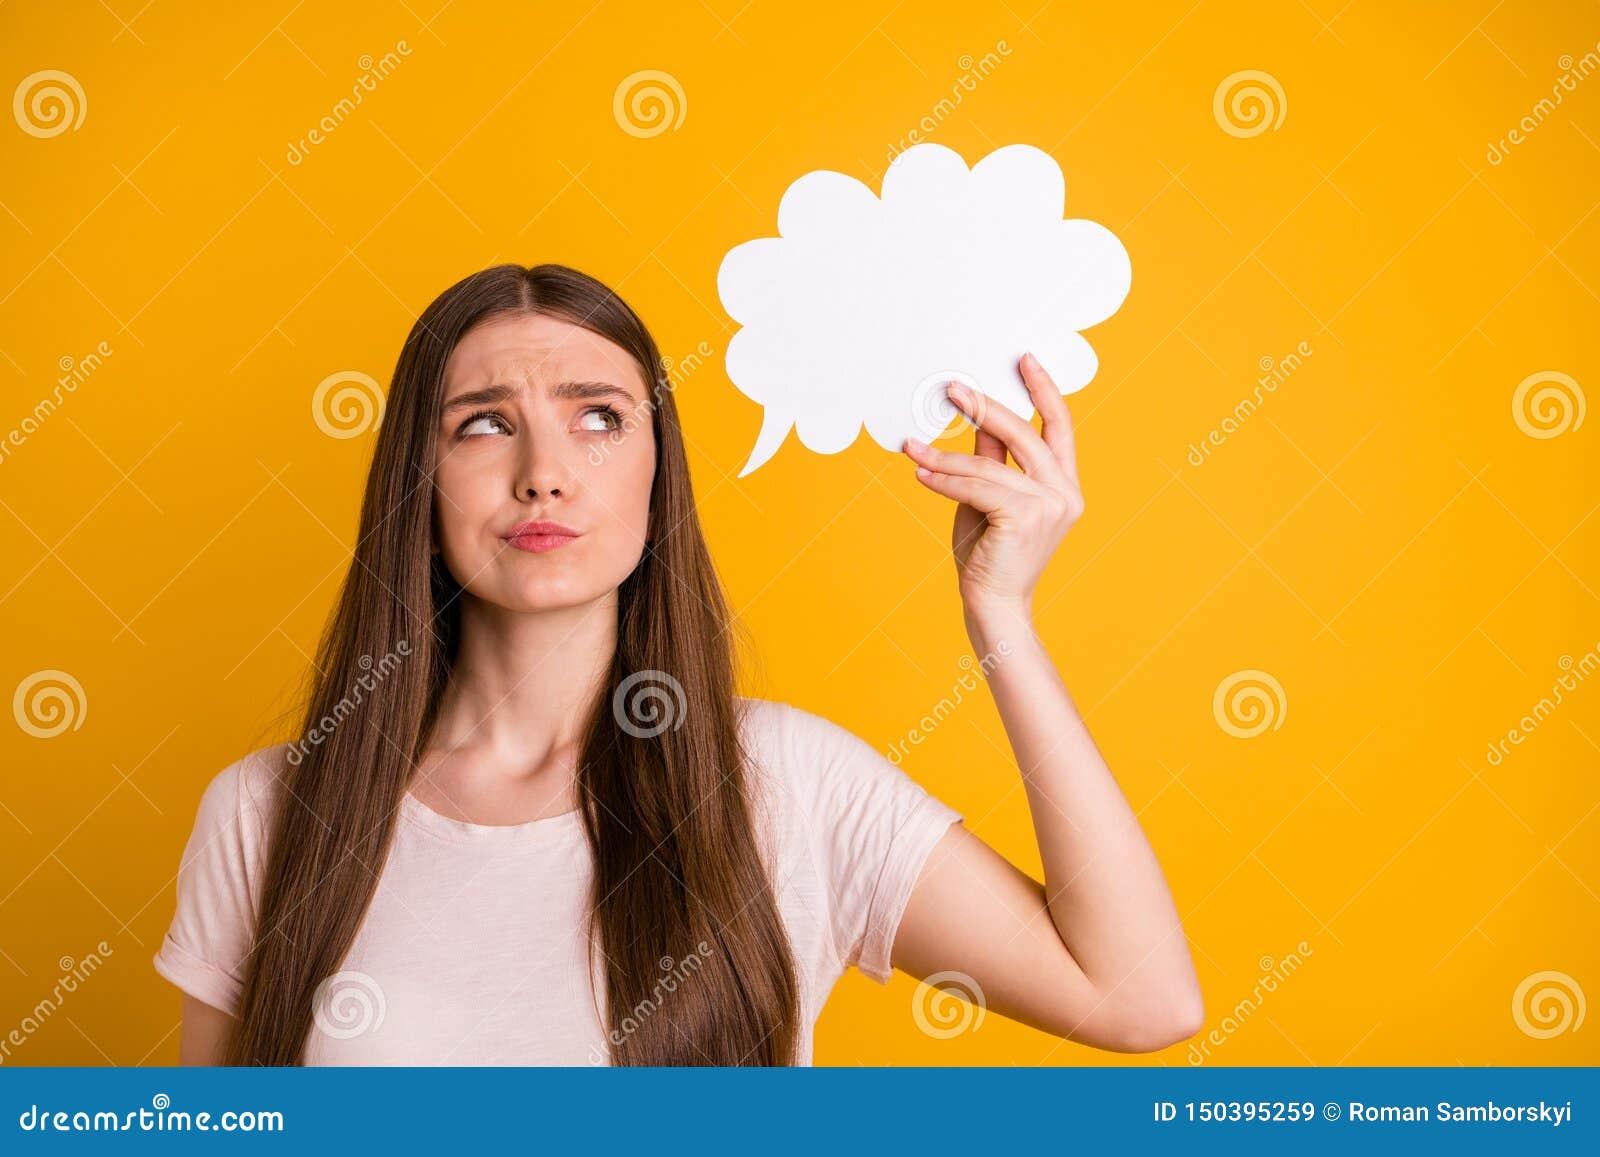 Schließen Sie oben das schöne Foto sie ihre Dame, sehr, das lange Haargriff-Handarm-Papiersinneswolke nicht sichere Positionssitu